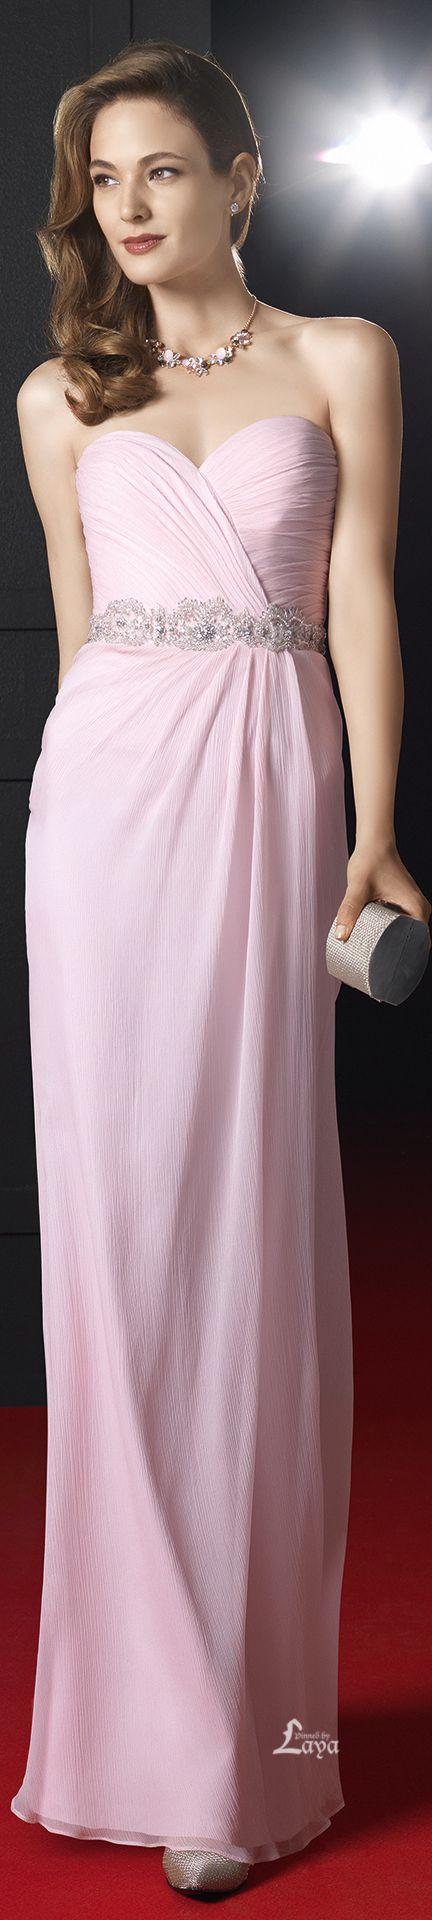 99 best vestido de festa images on Pinterest | Party fashion ...